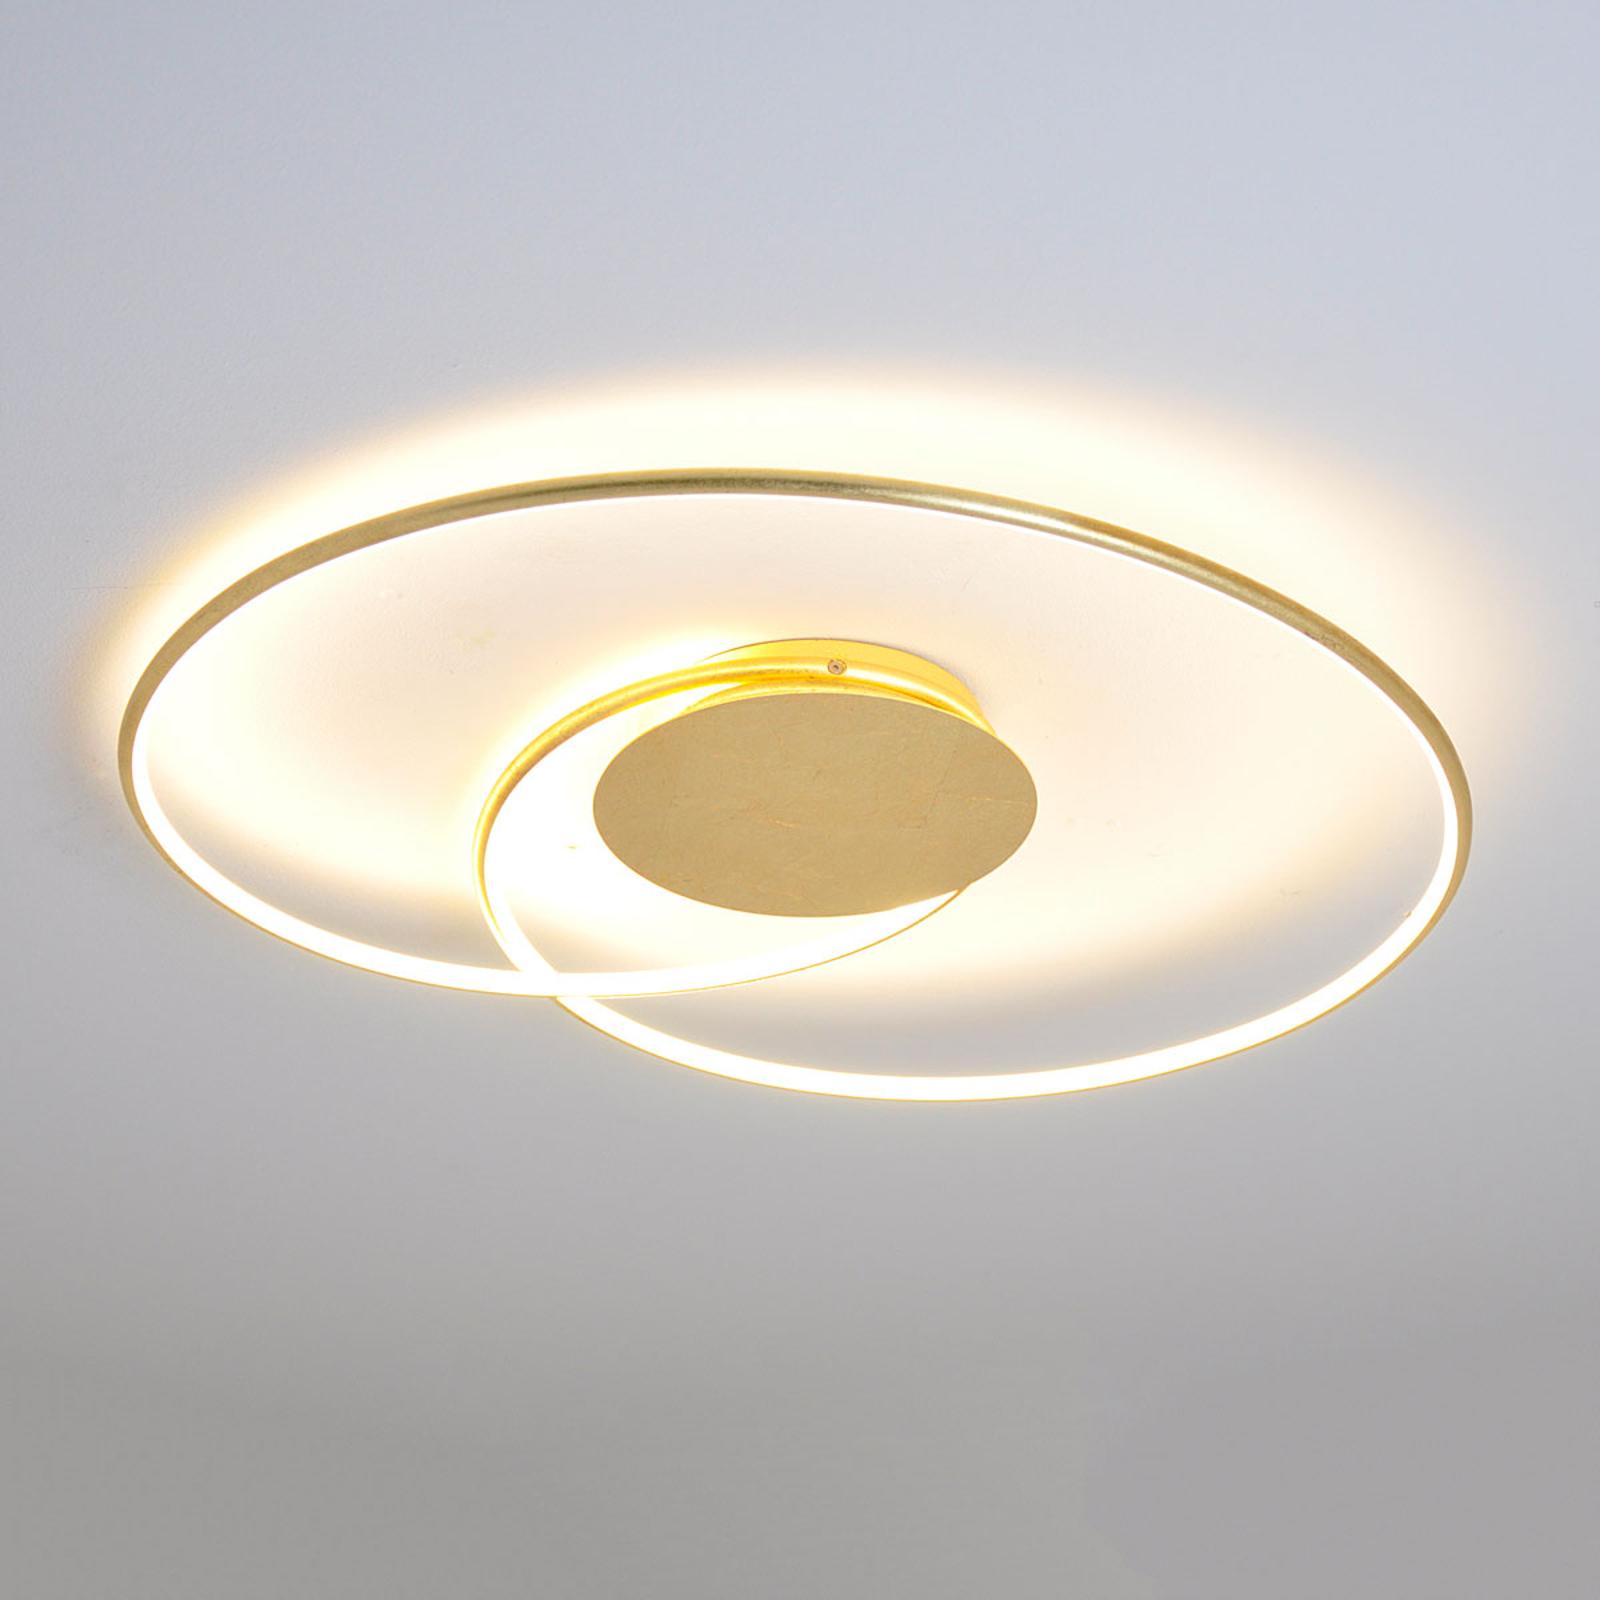 Smukt formet LED-loftslampe Joline, gylden